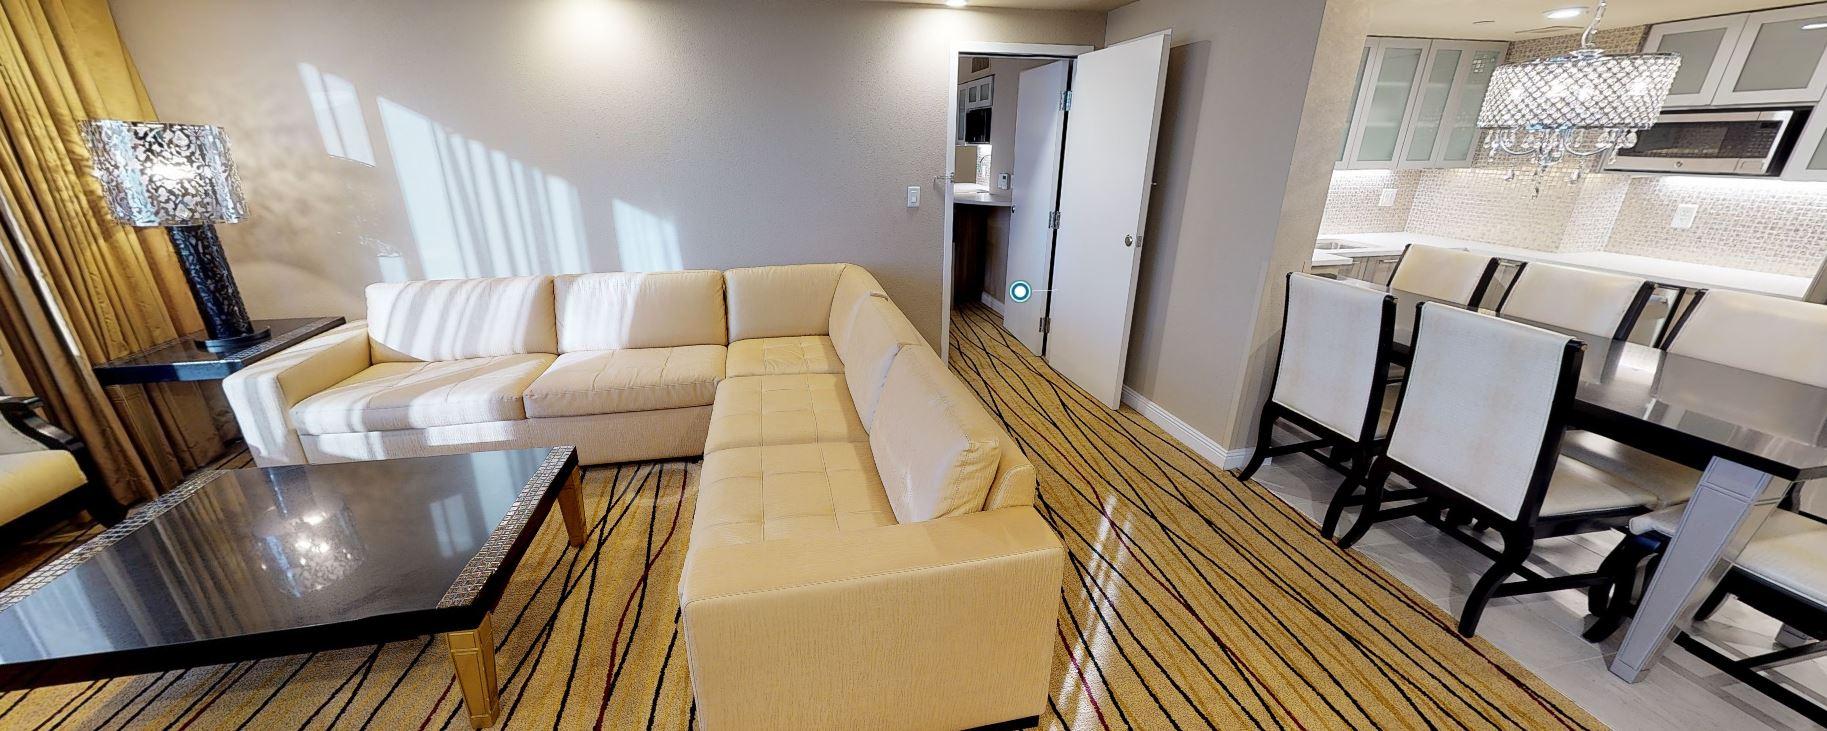 1-Bedroom Villa LR / DA